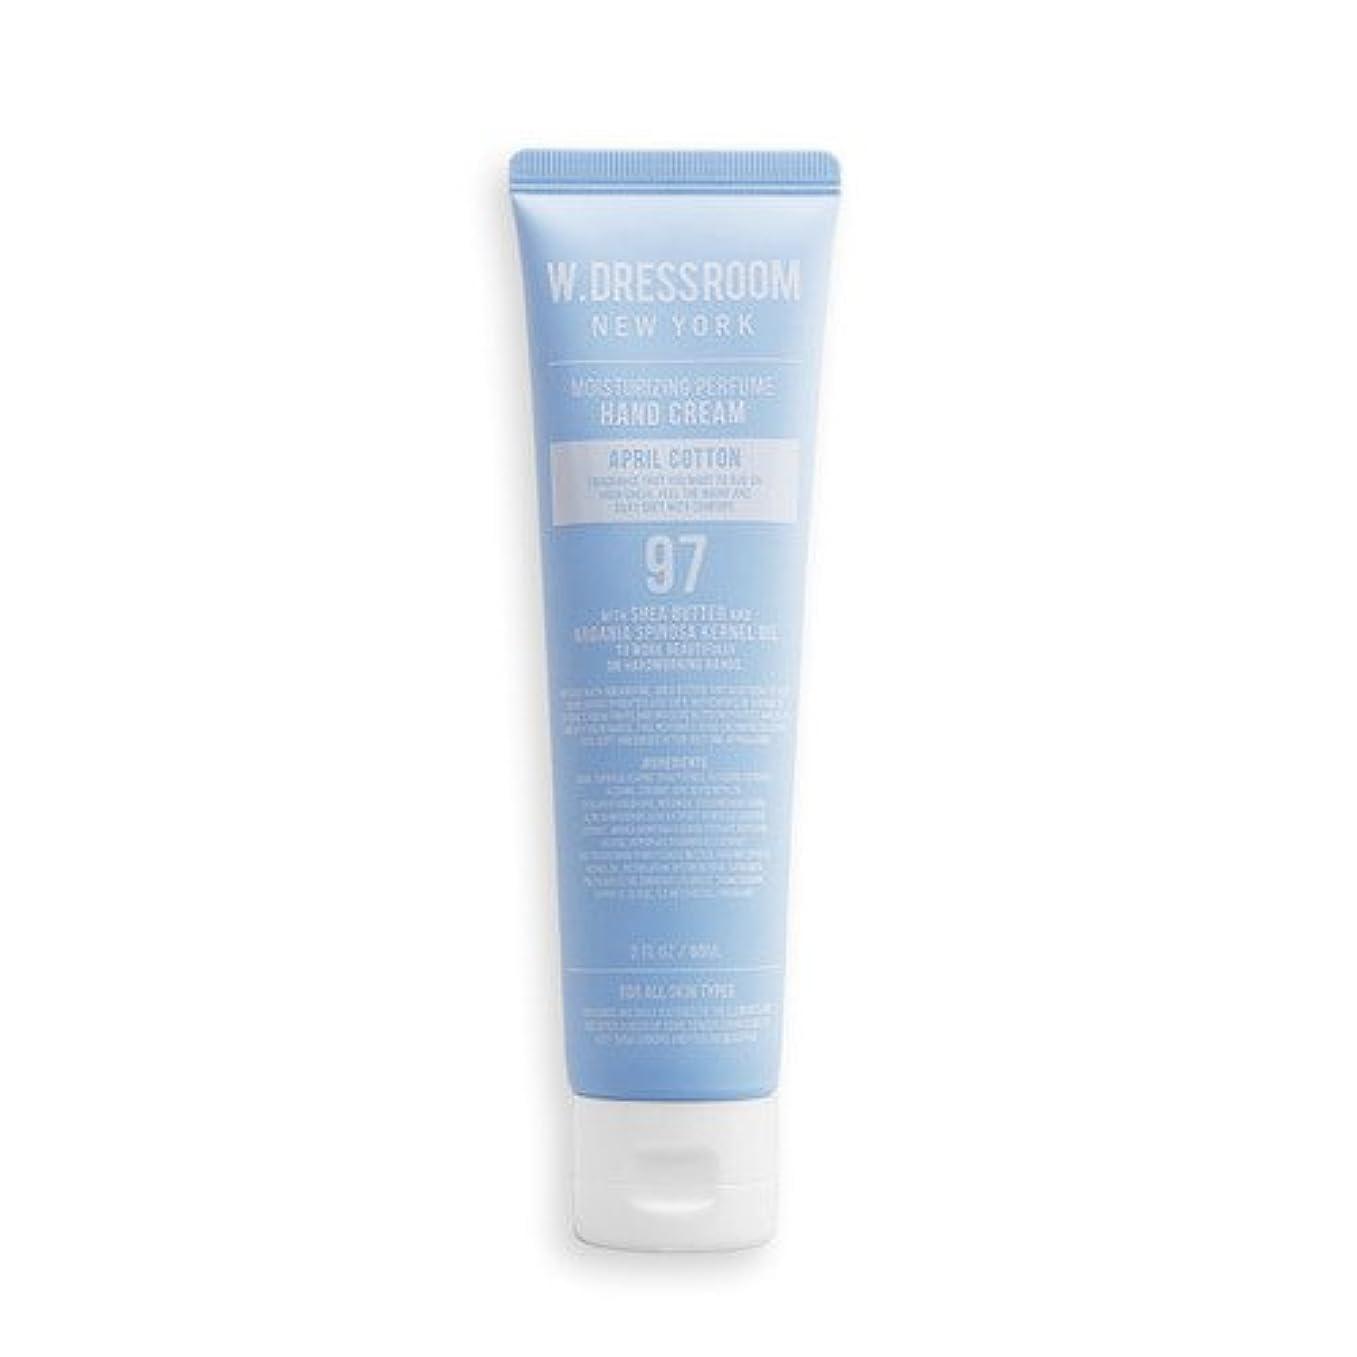 ロッジ分析後退するW.DRESSROOM Moisturizing Perfume Hand Cream 60ml/ダブルドレスルーム モイスチャライジング パフューム ハンドクリーム 60ml (#No.97 April Cotton) [並行輸入品]